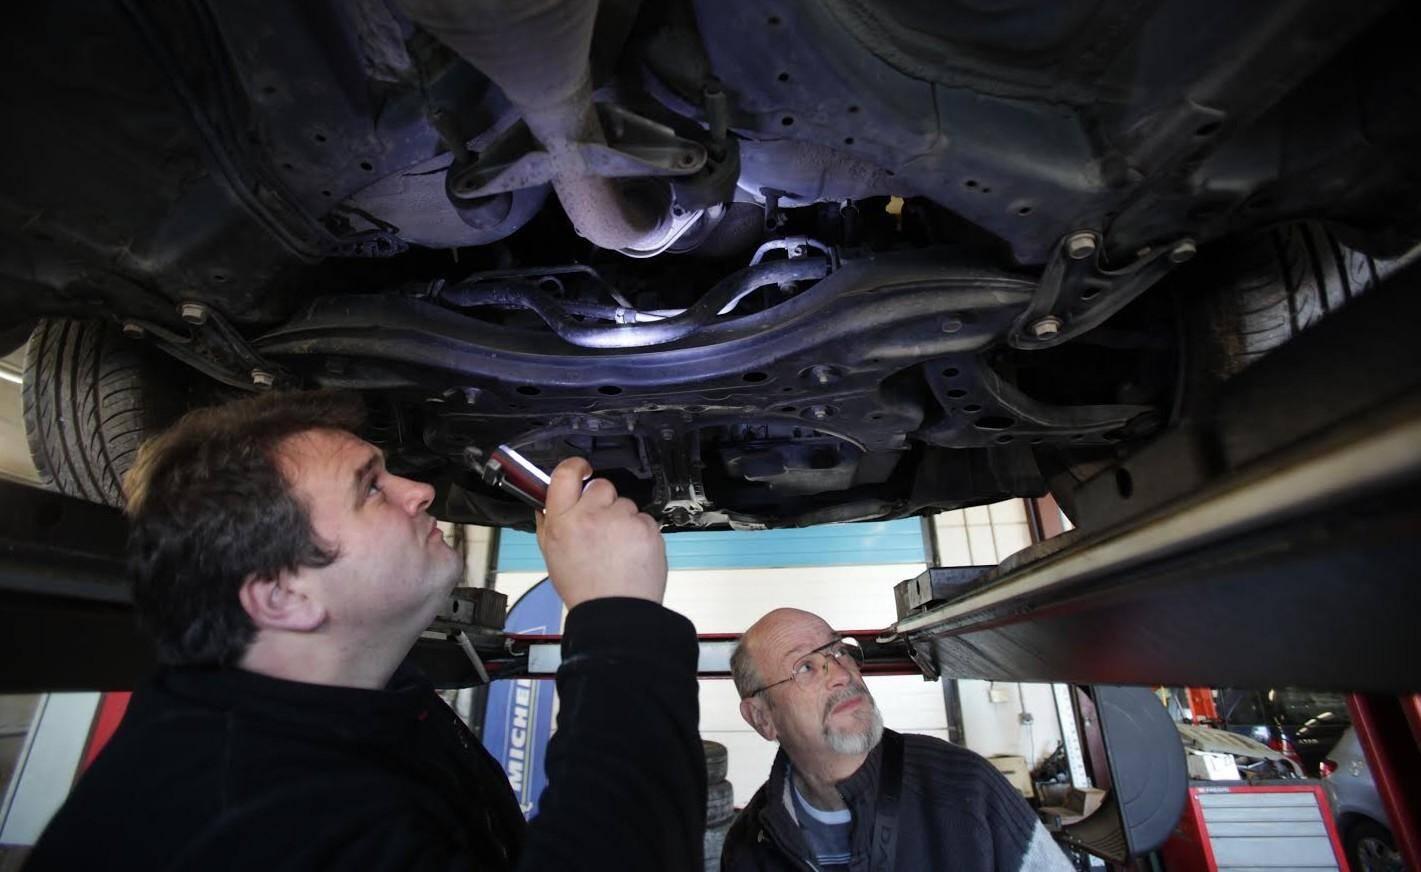 Tous les véhicules subissent une révision complète par des professionnels, dans un garage AD, partenaire de l'association.